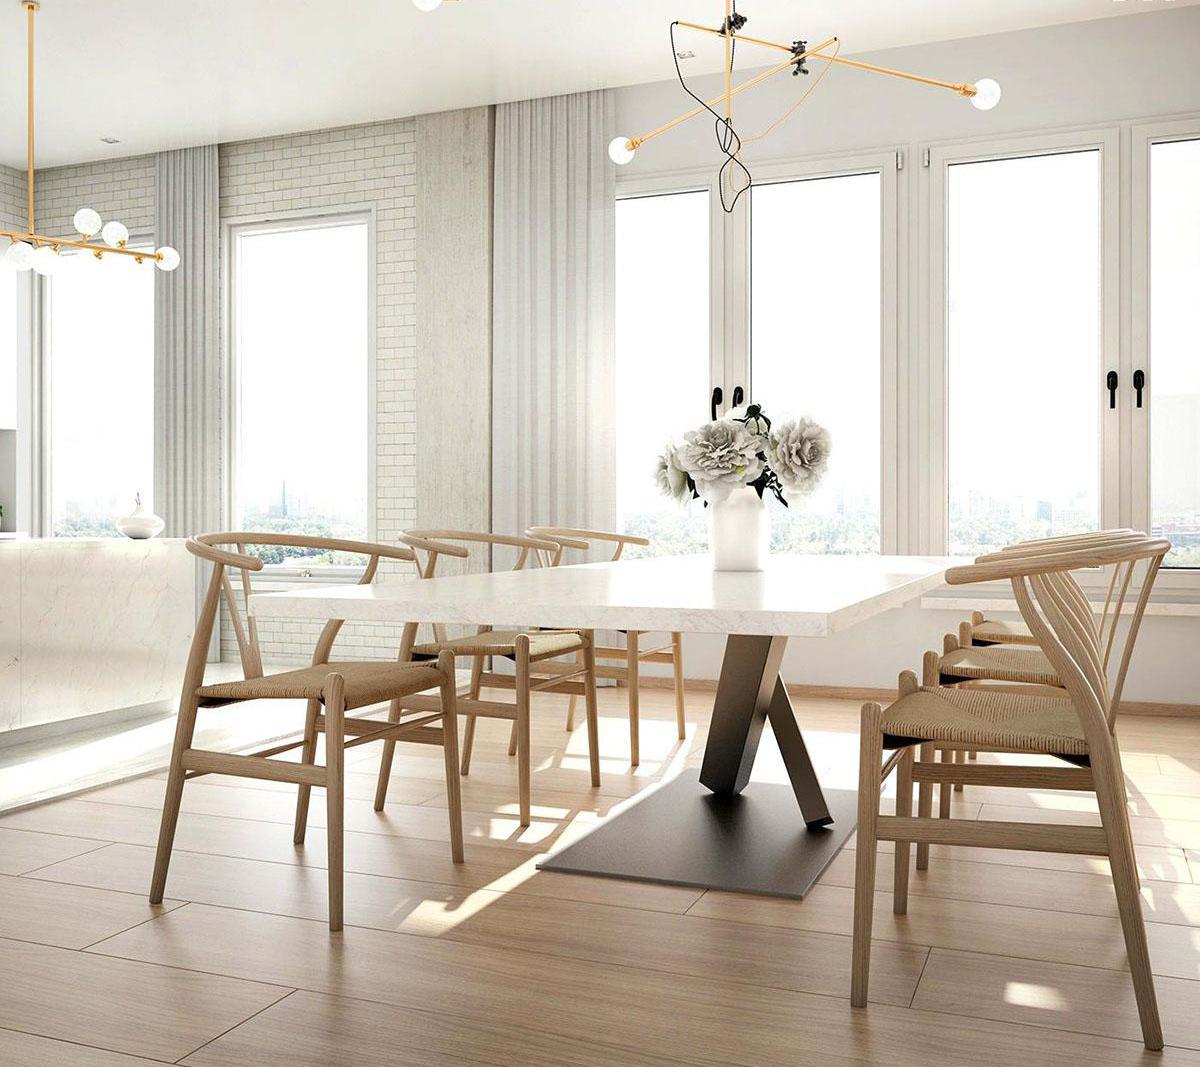 Nghệ thuật và công năng trong phong cách Bauhaus phải đi liền với nhau